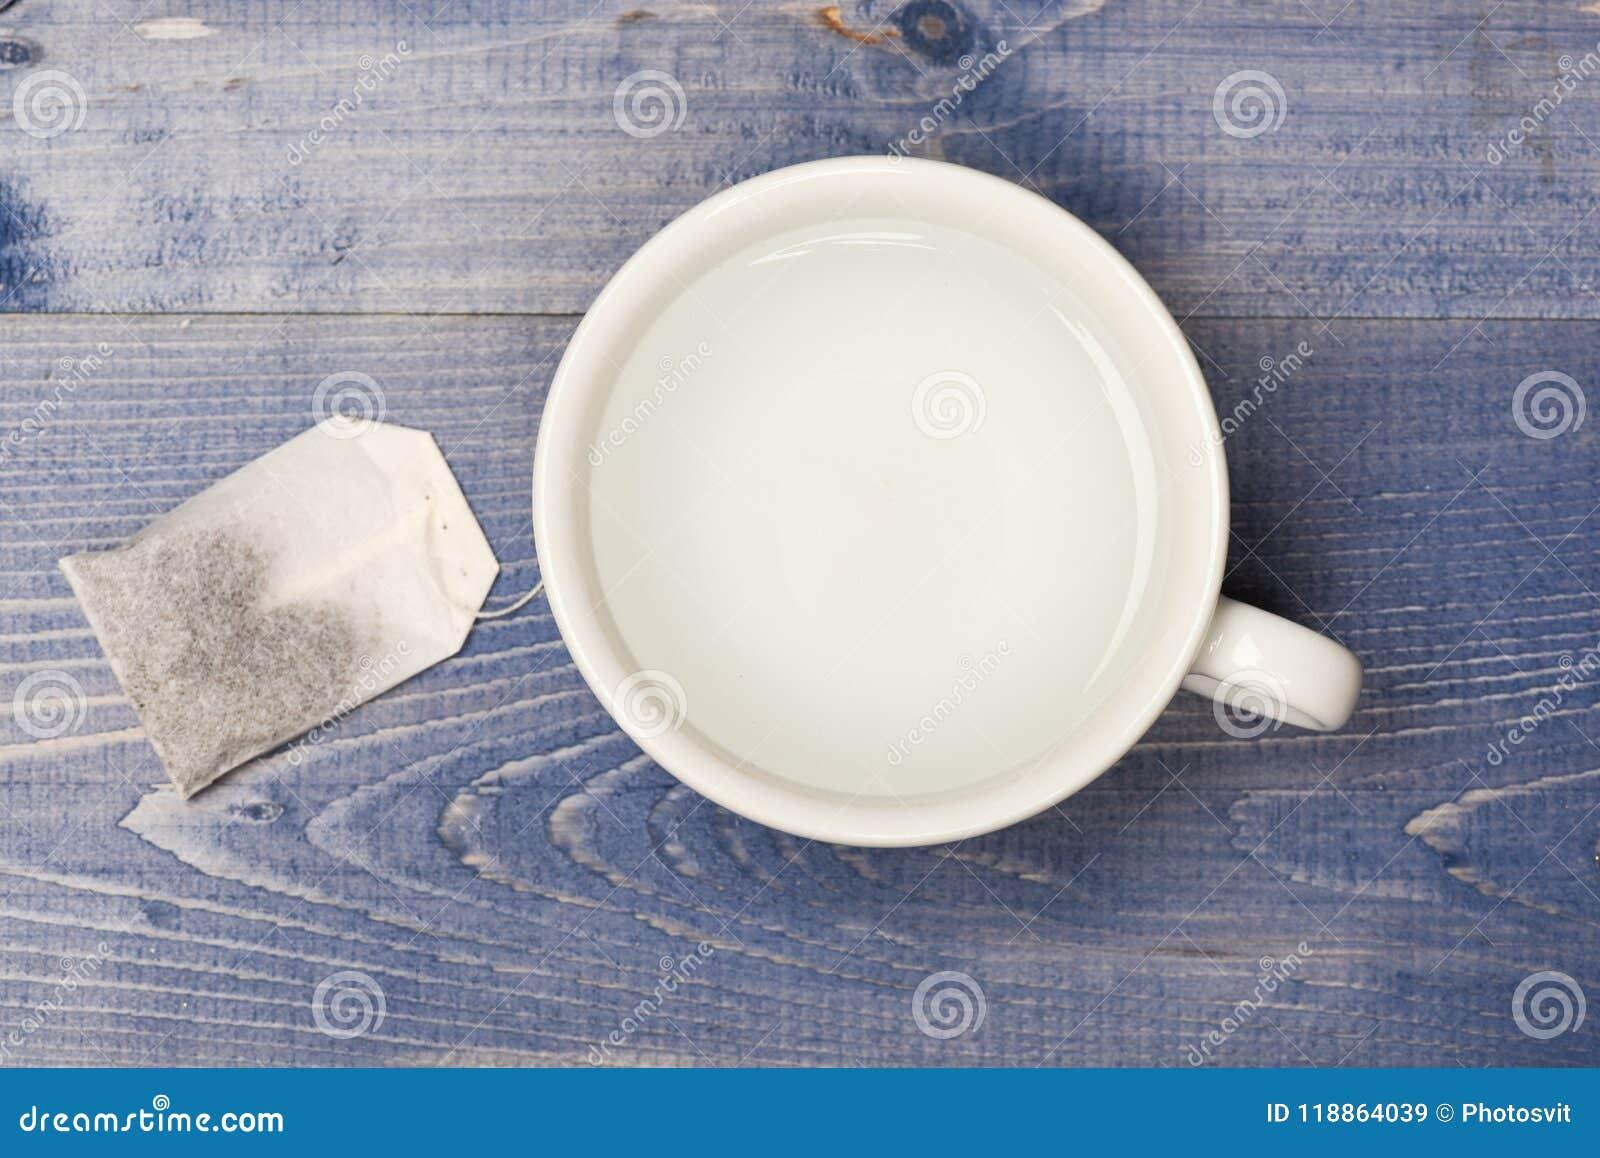 Schale oder weißer Becher mit transparentem Heißwasser und Tasche des Tees Teezeitkonzept Becher gefüllt mit kochendem Wasser und